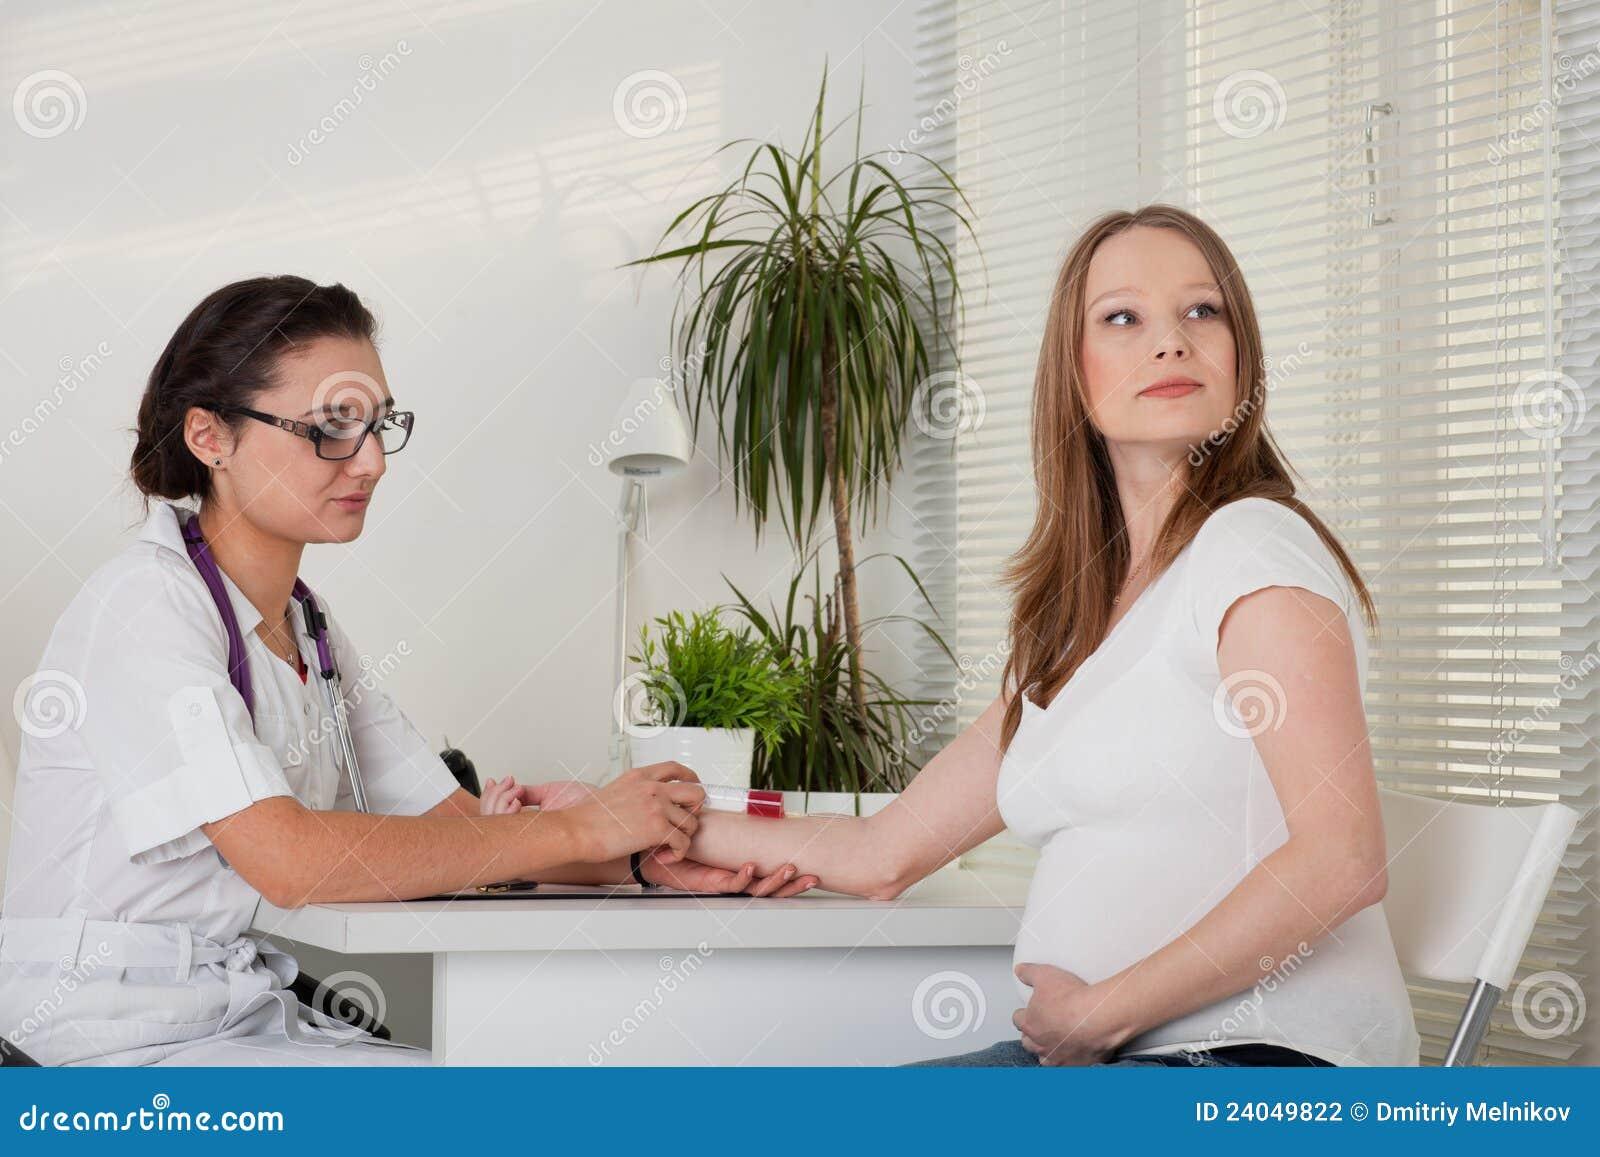 Как проходит прием беременых у гинеколога в